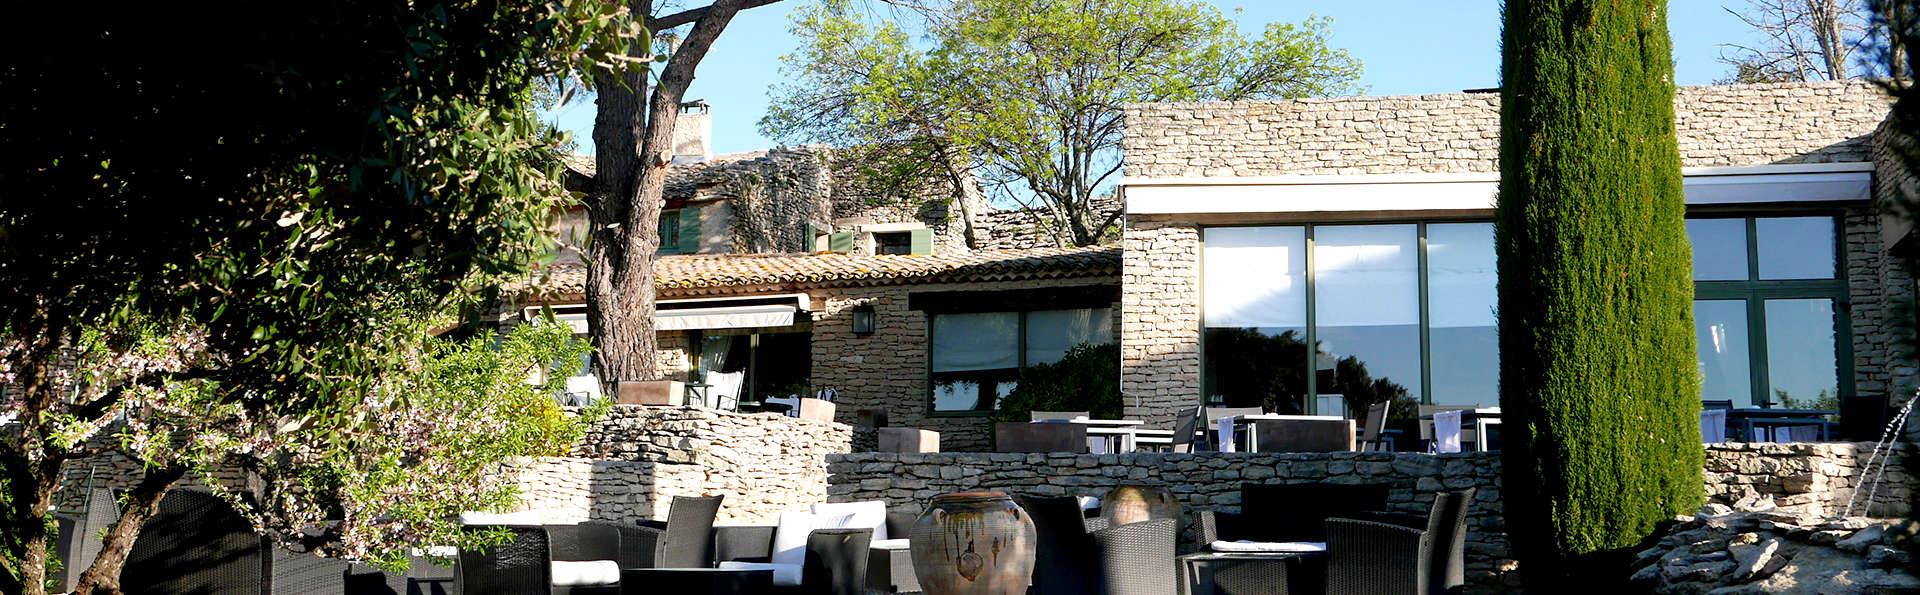 Hôtel Les Bories & Spa - Edit_Front.jpg